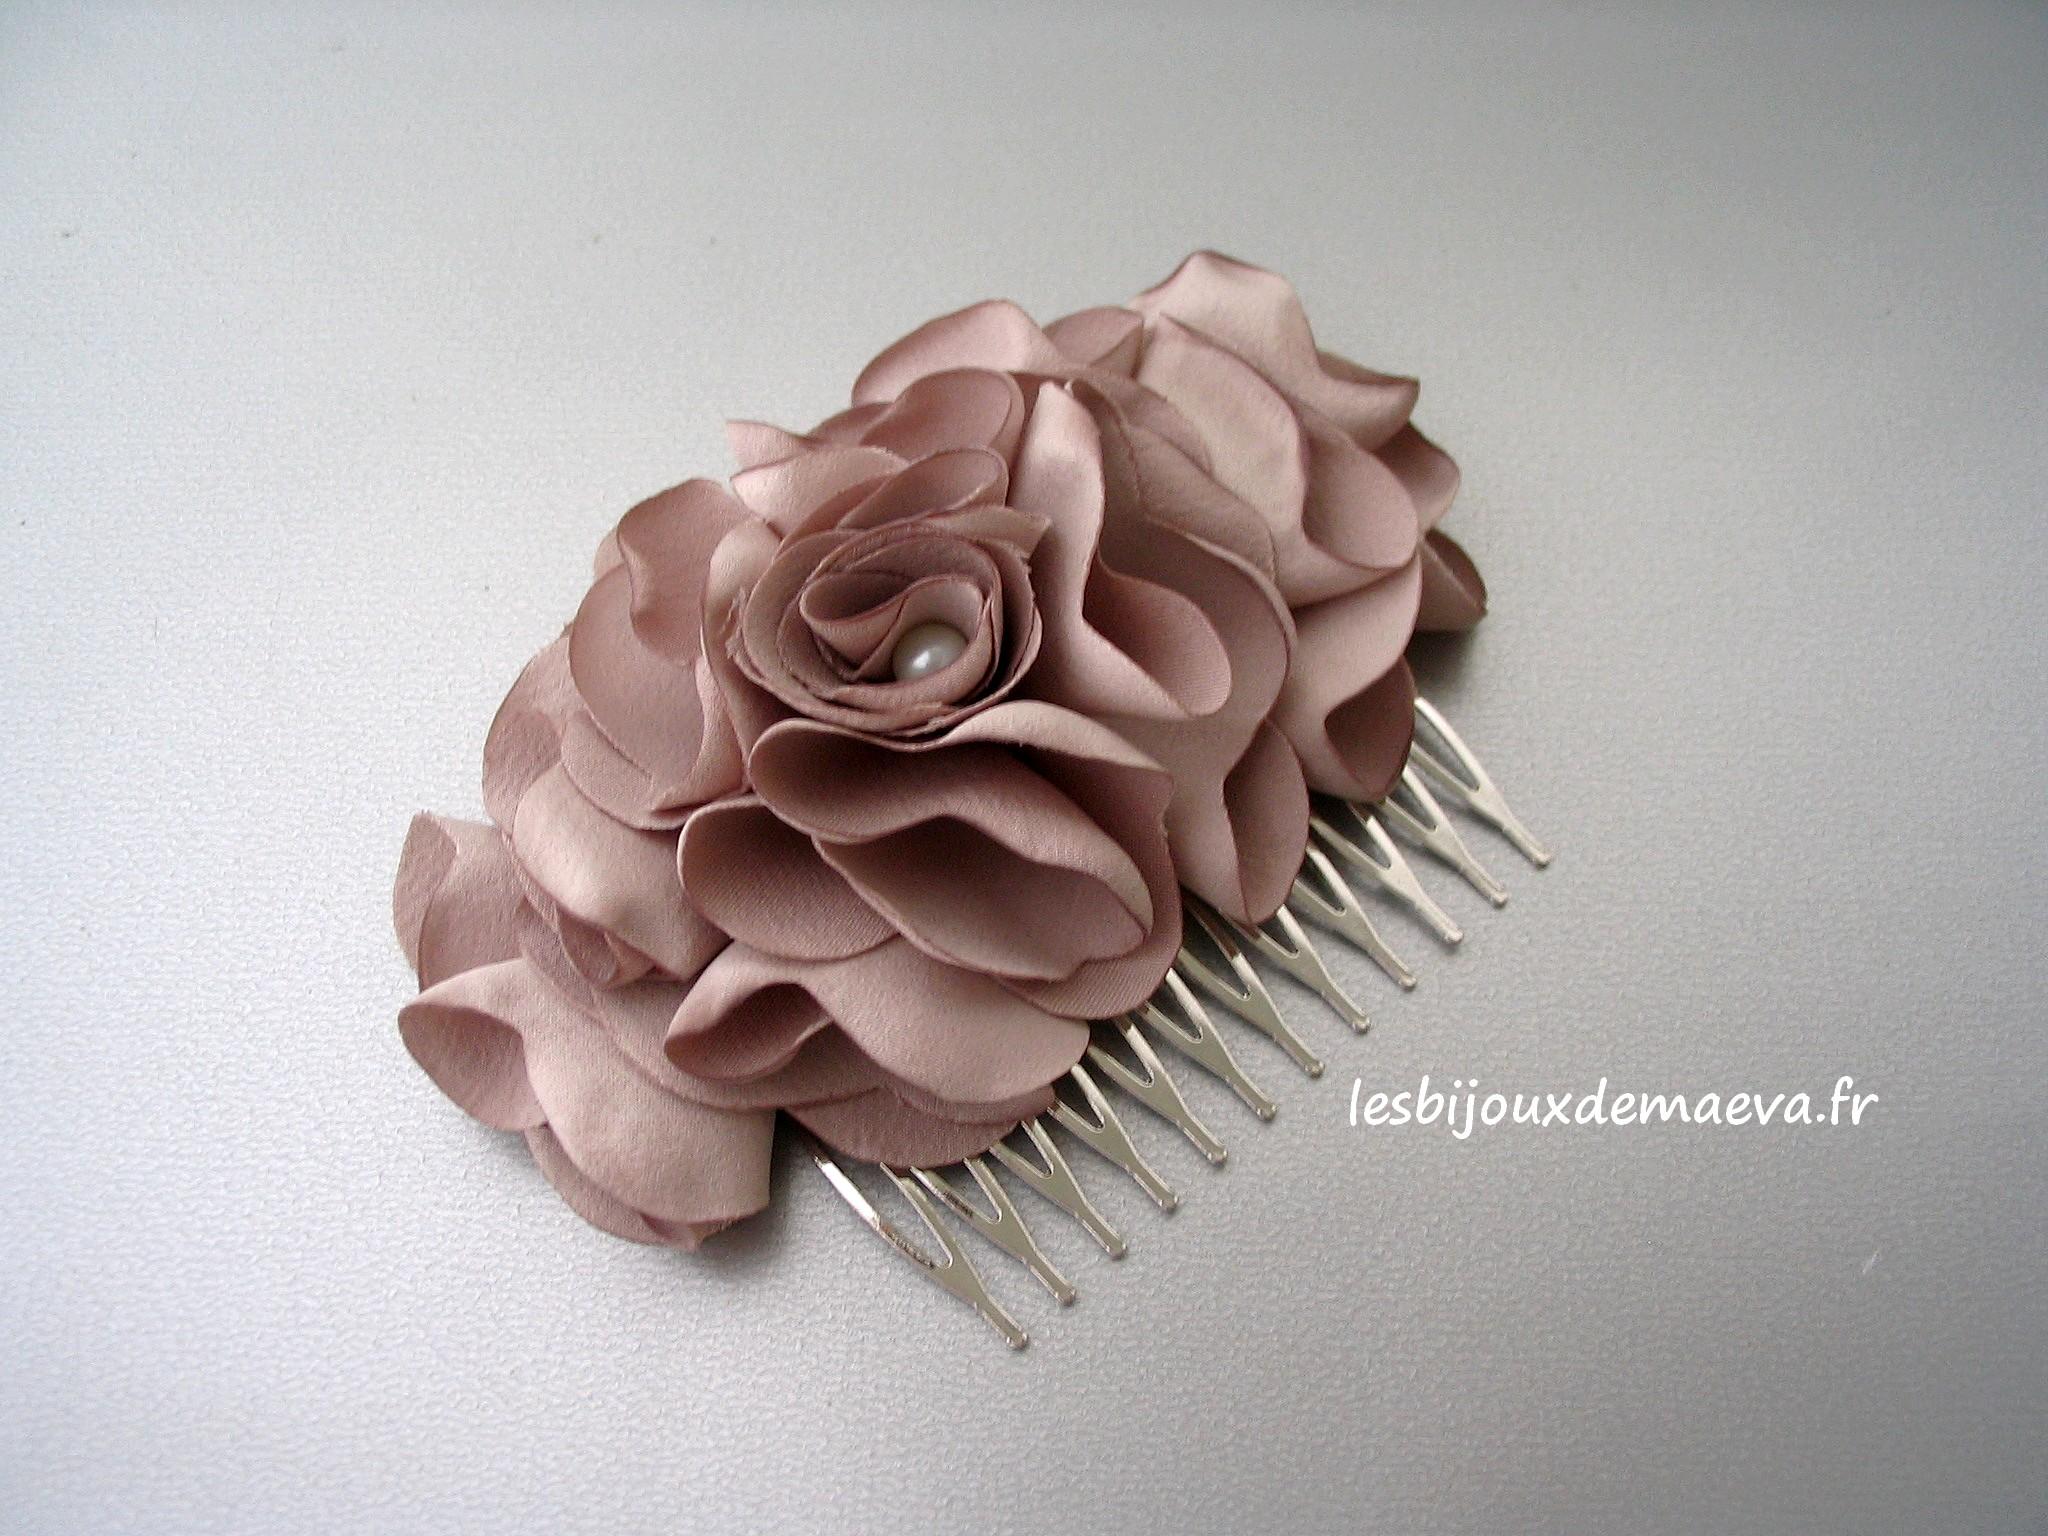 Fleur Cheveux Mariage Pas Cher Couleur Taupe Camelia